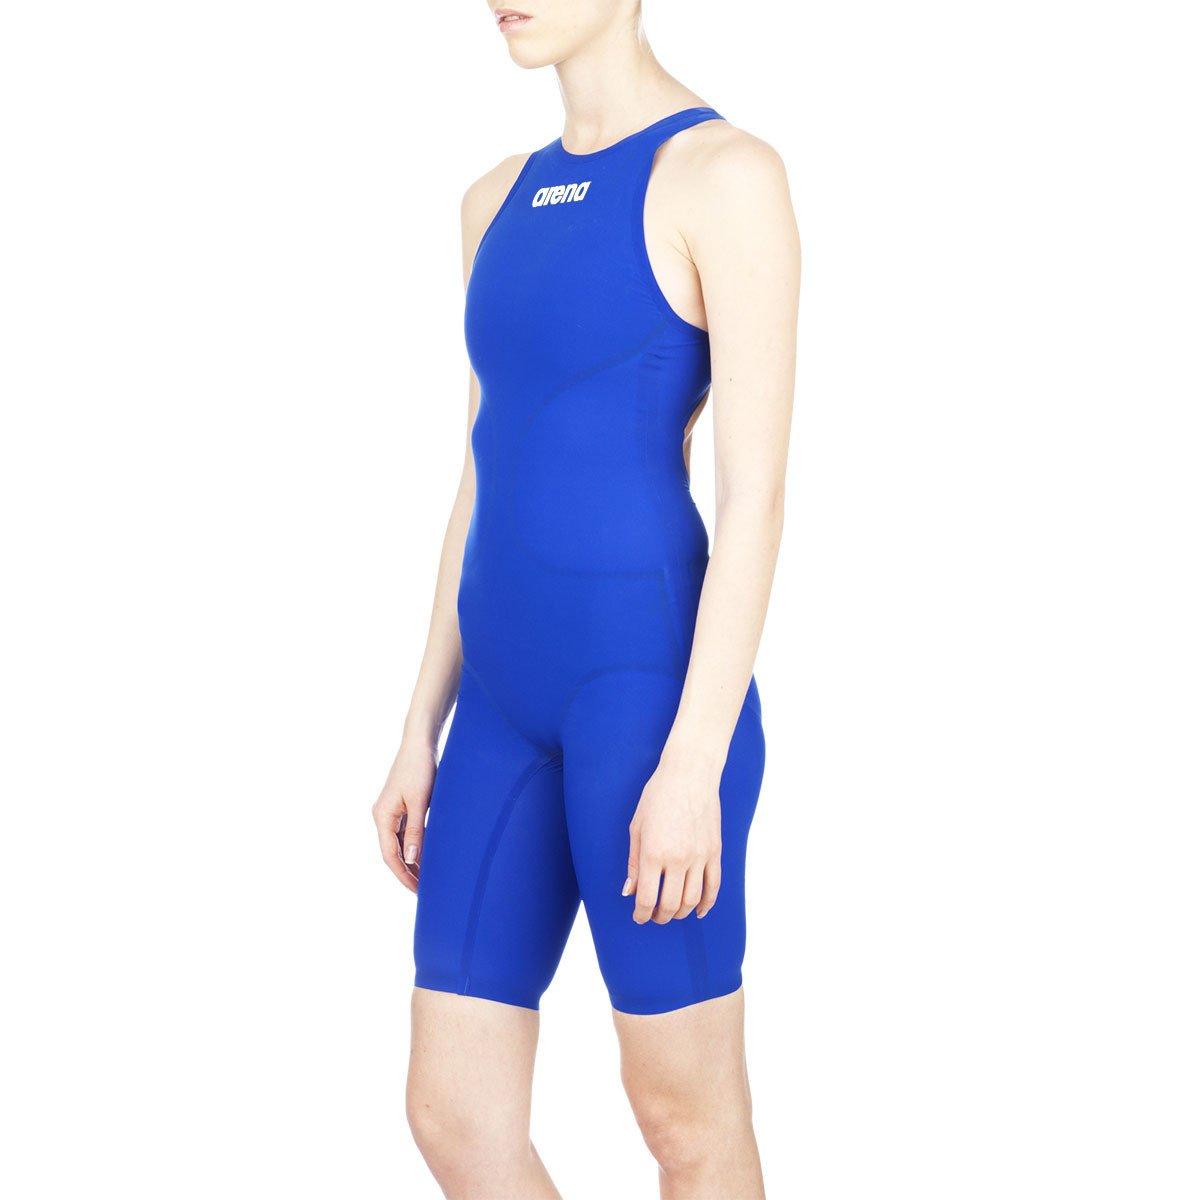 Image of Arena Women's Powerskin R Evo+ Full Body Short Leg Swimsuit, 30, Electric Blue